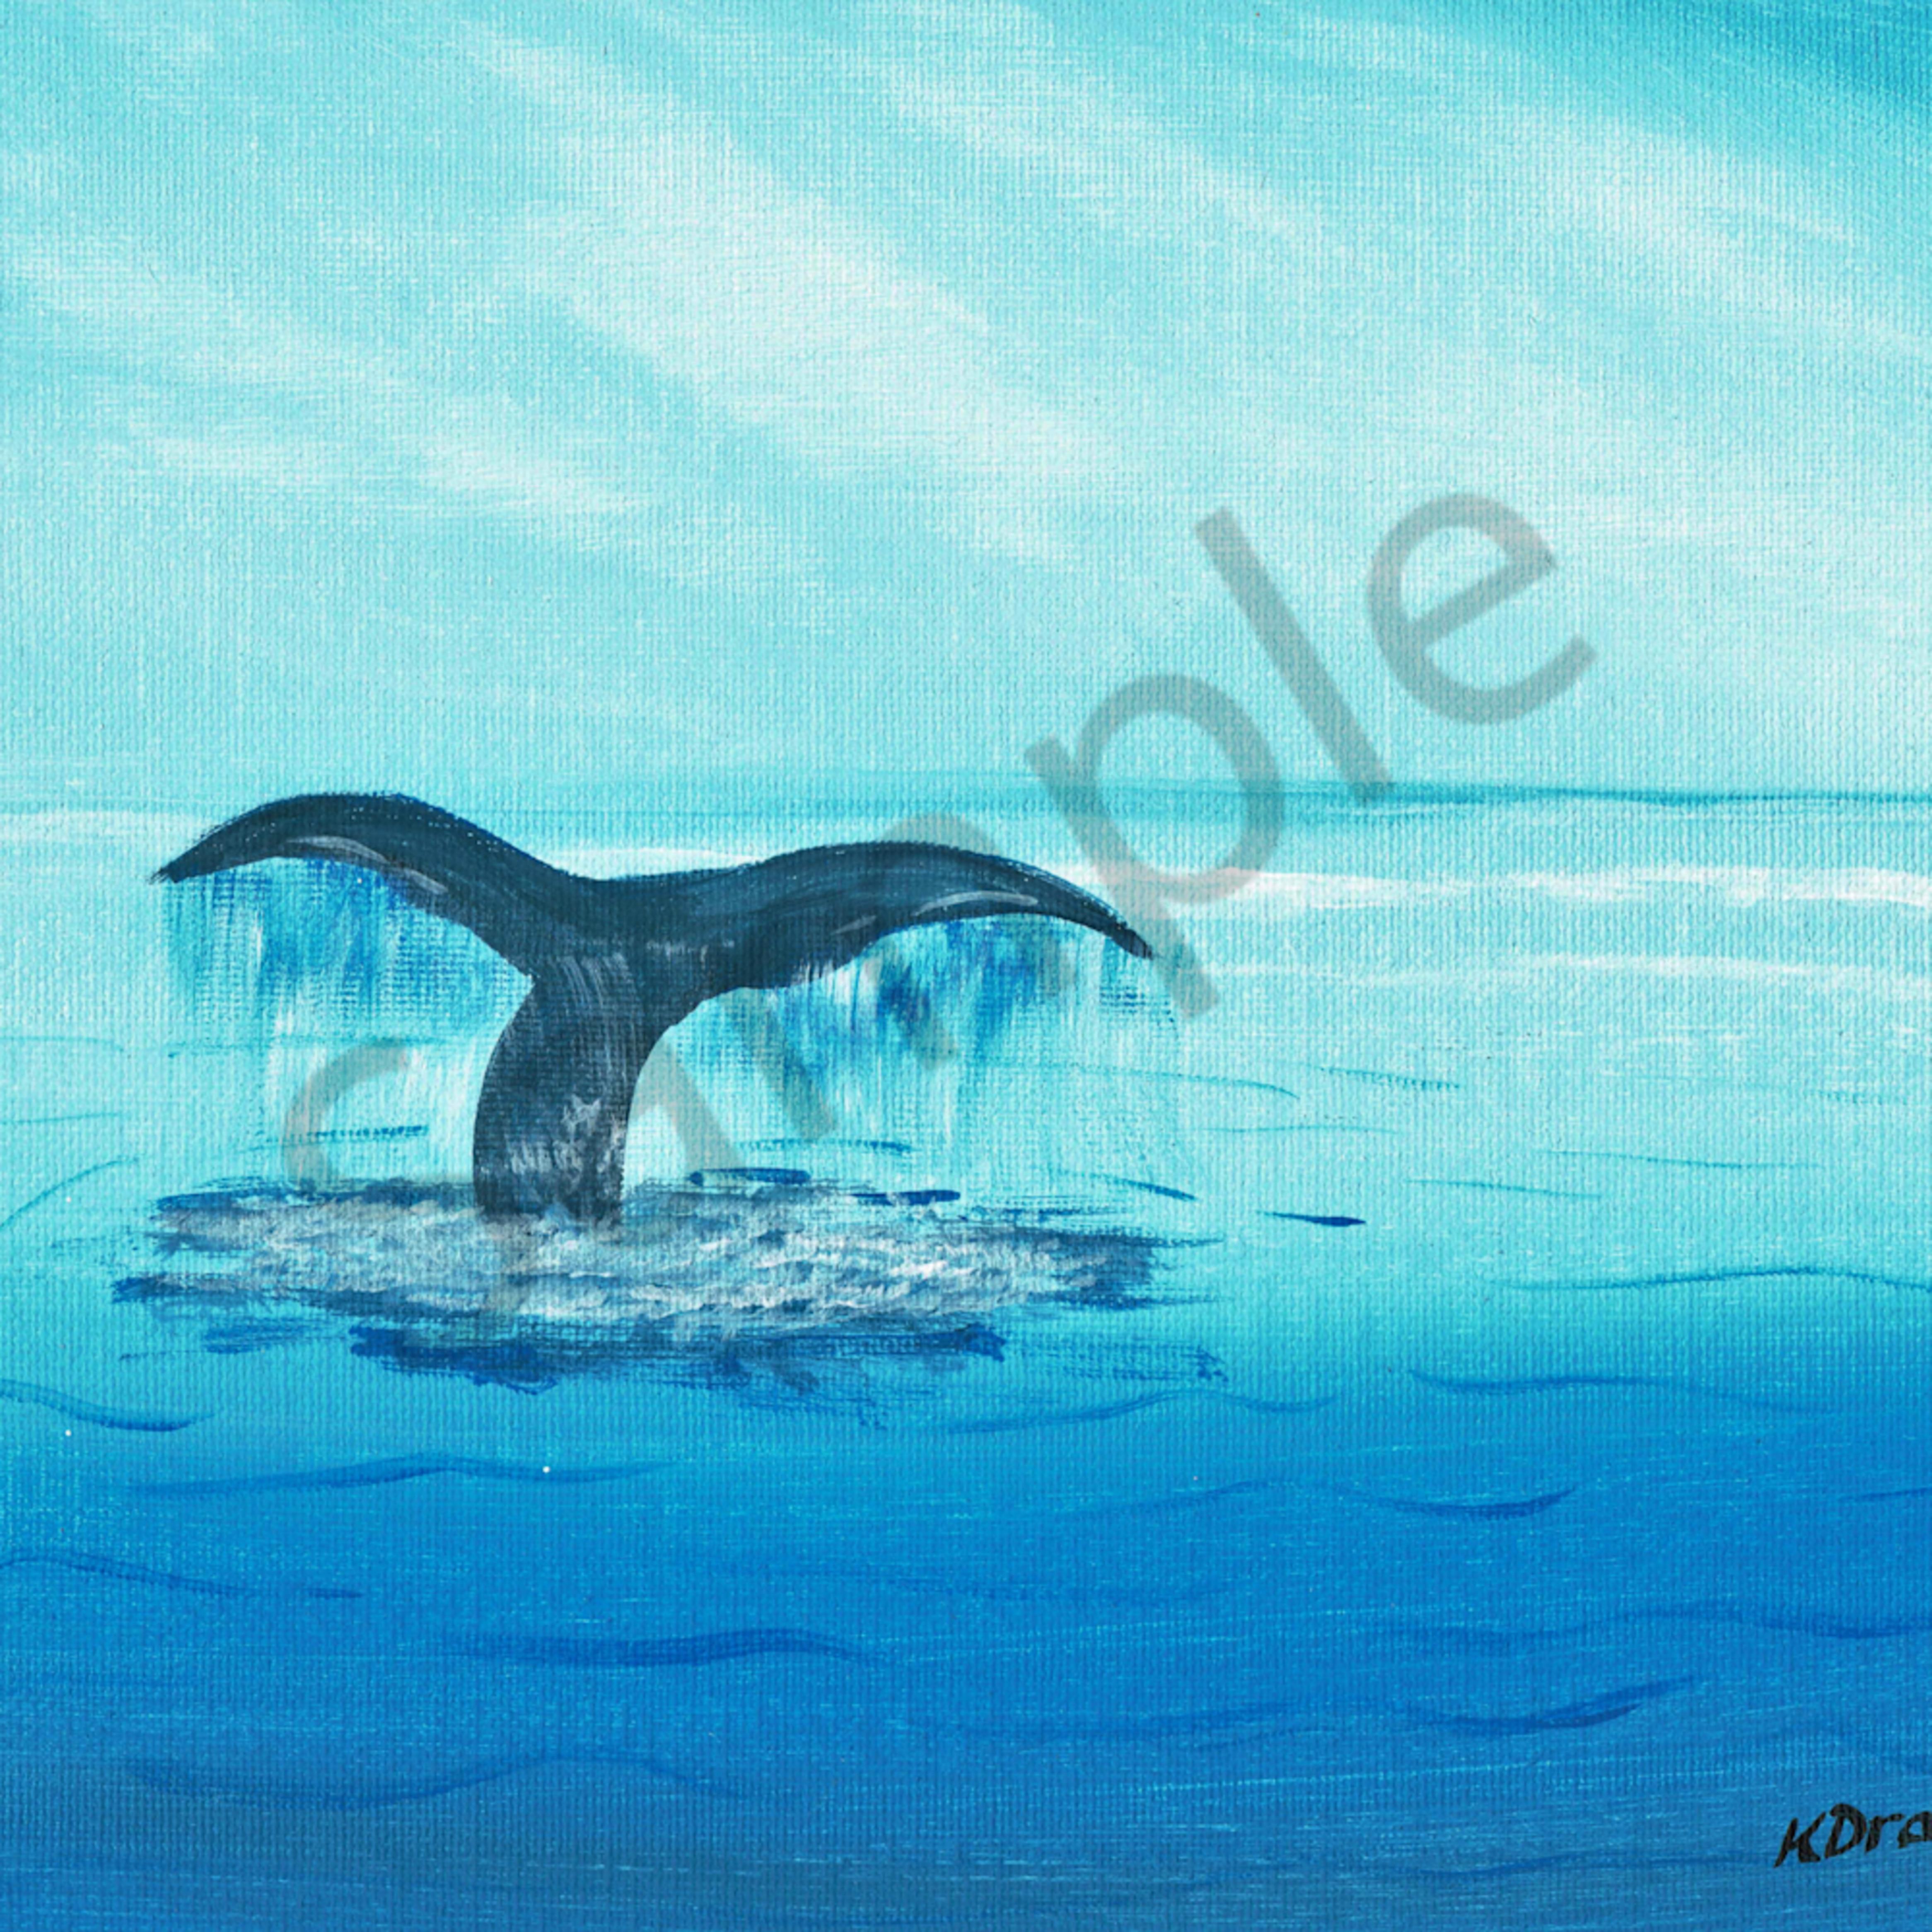 Whaletail i9uwbl